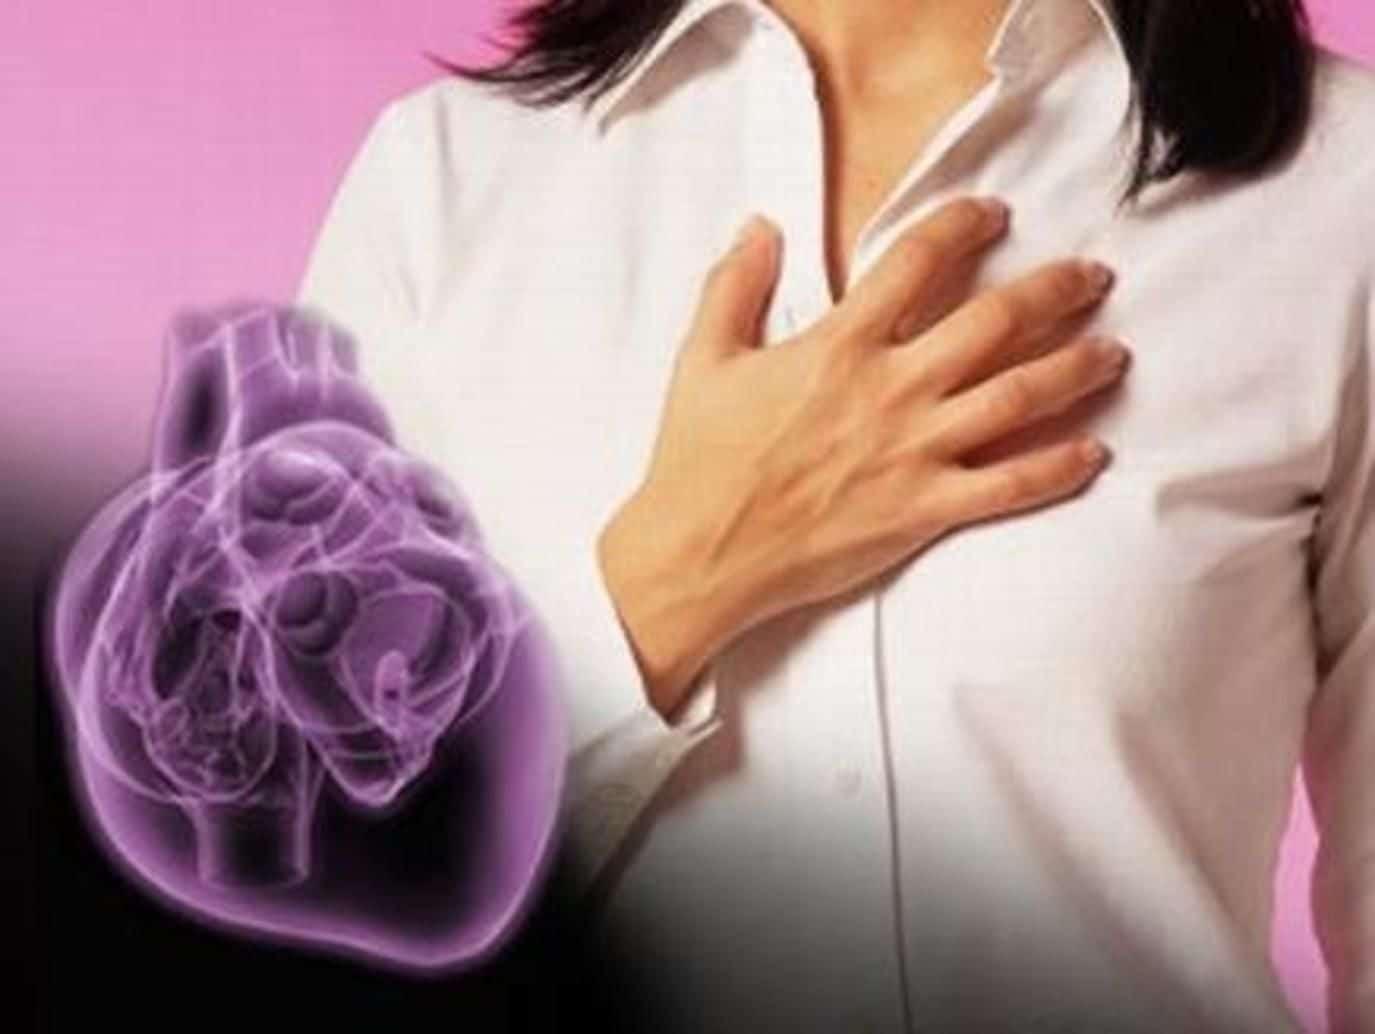 النساء المصابات بالتوتر والأرق والتعب أكثر عرضة للإصابة بالنوبات القلبية